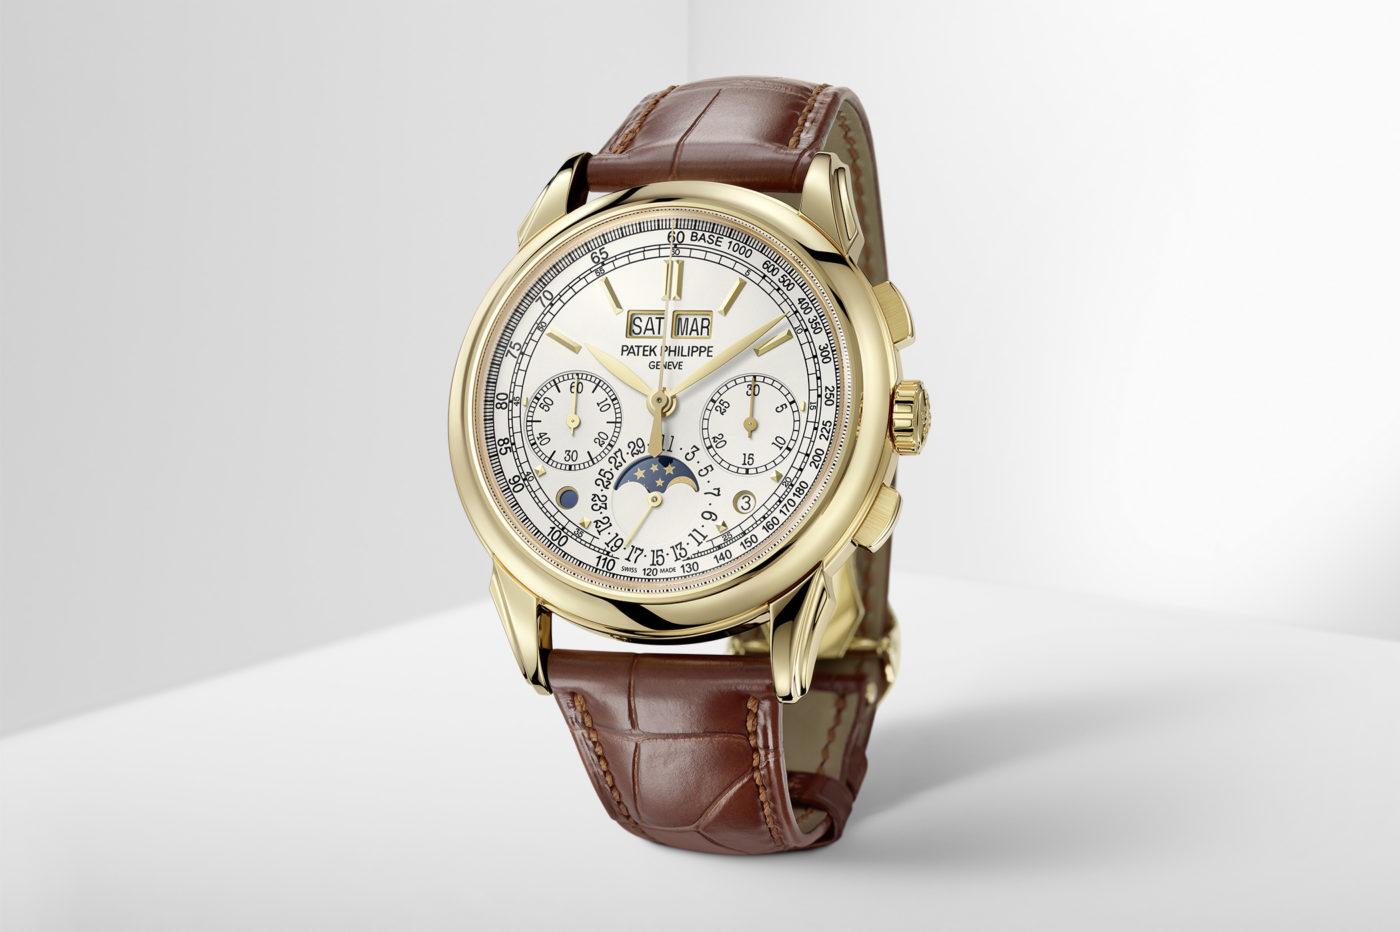 Patek Philippe Ref. 5270J Perpetual Calendar Chronograph